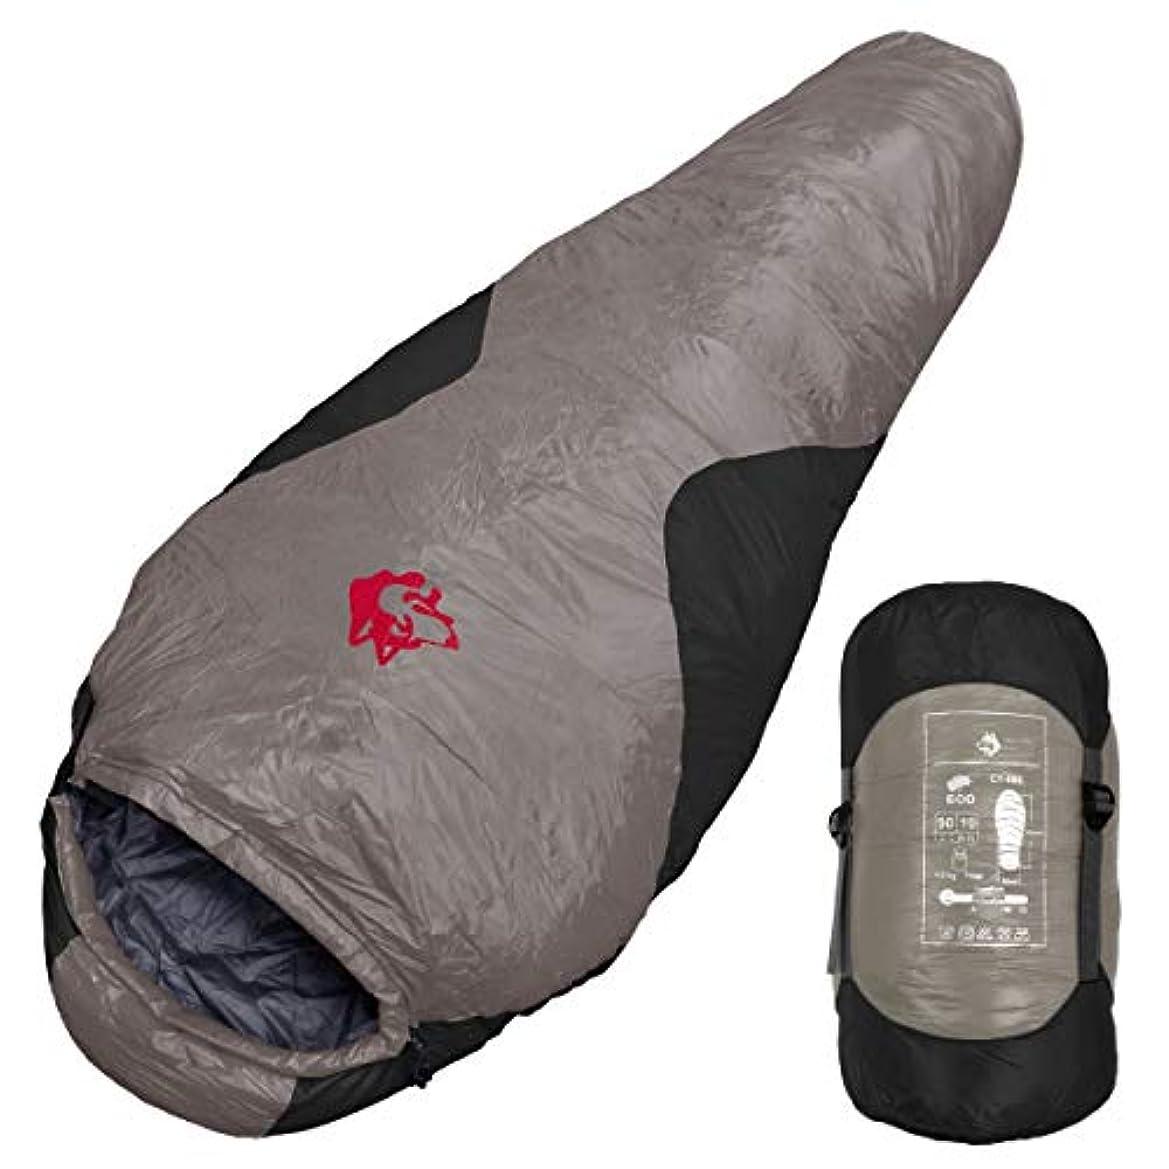 サスティーンパトロンサルベージ[Hasky] 高級ダウン 寝袋 耐寒性能高 -25℃ 災害時も活躍 万能型 超圧縮 軽量 車中泊